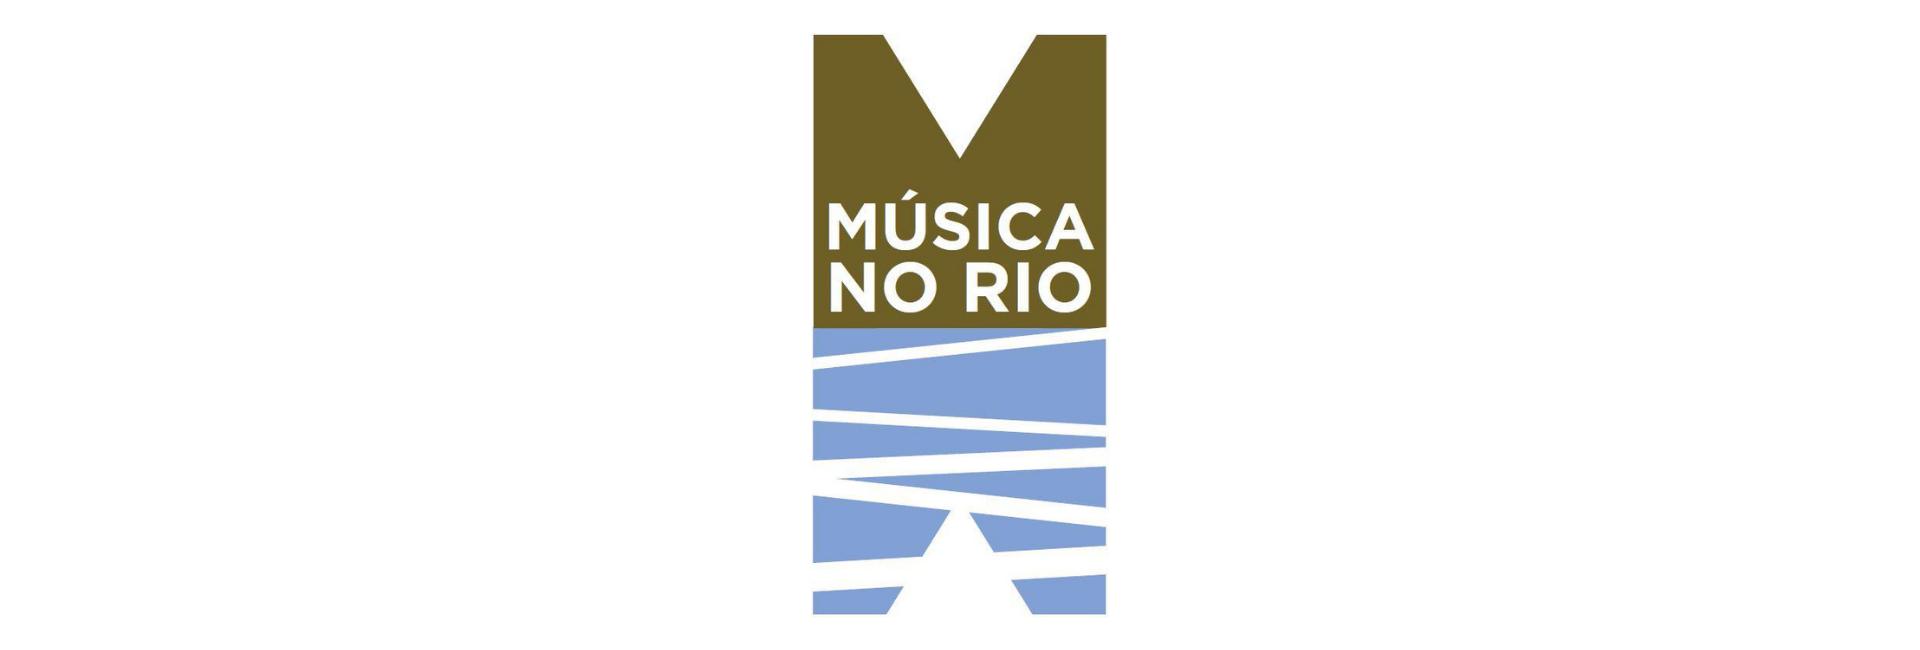 """XI Festival """"Música no Rio – Os Outros Sons do Fluviário"""" – Esgotado o espetáculo de sábado com Jorge Palma"""